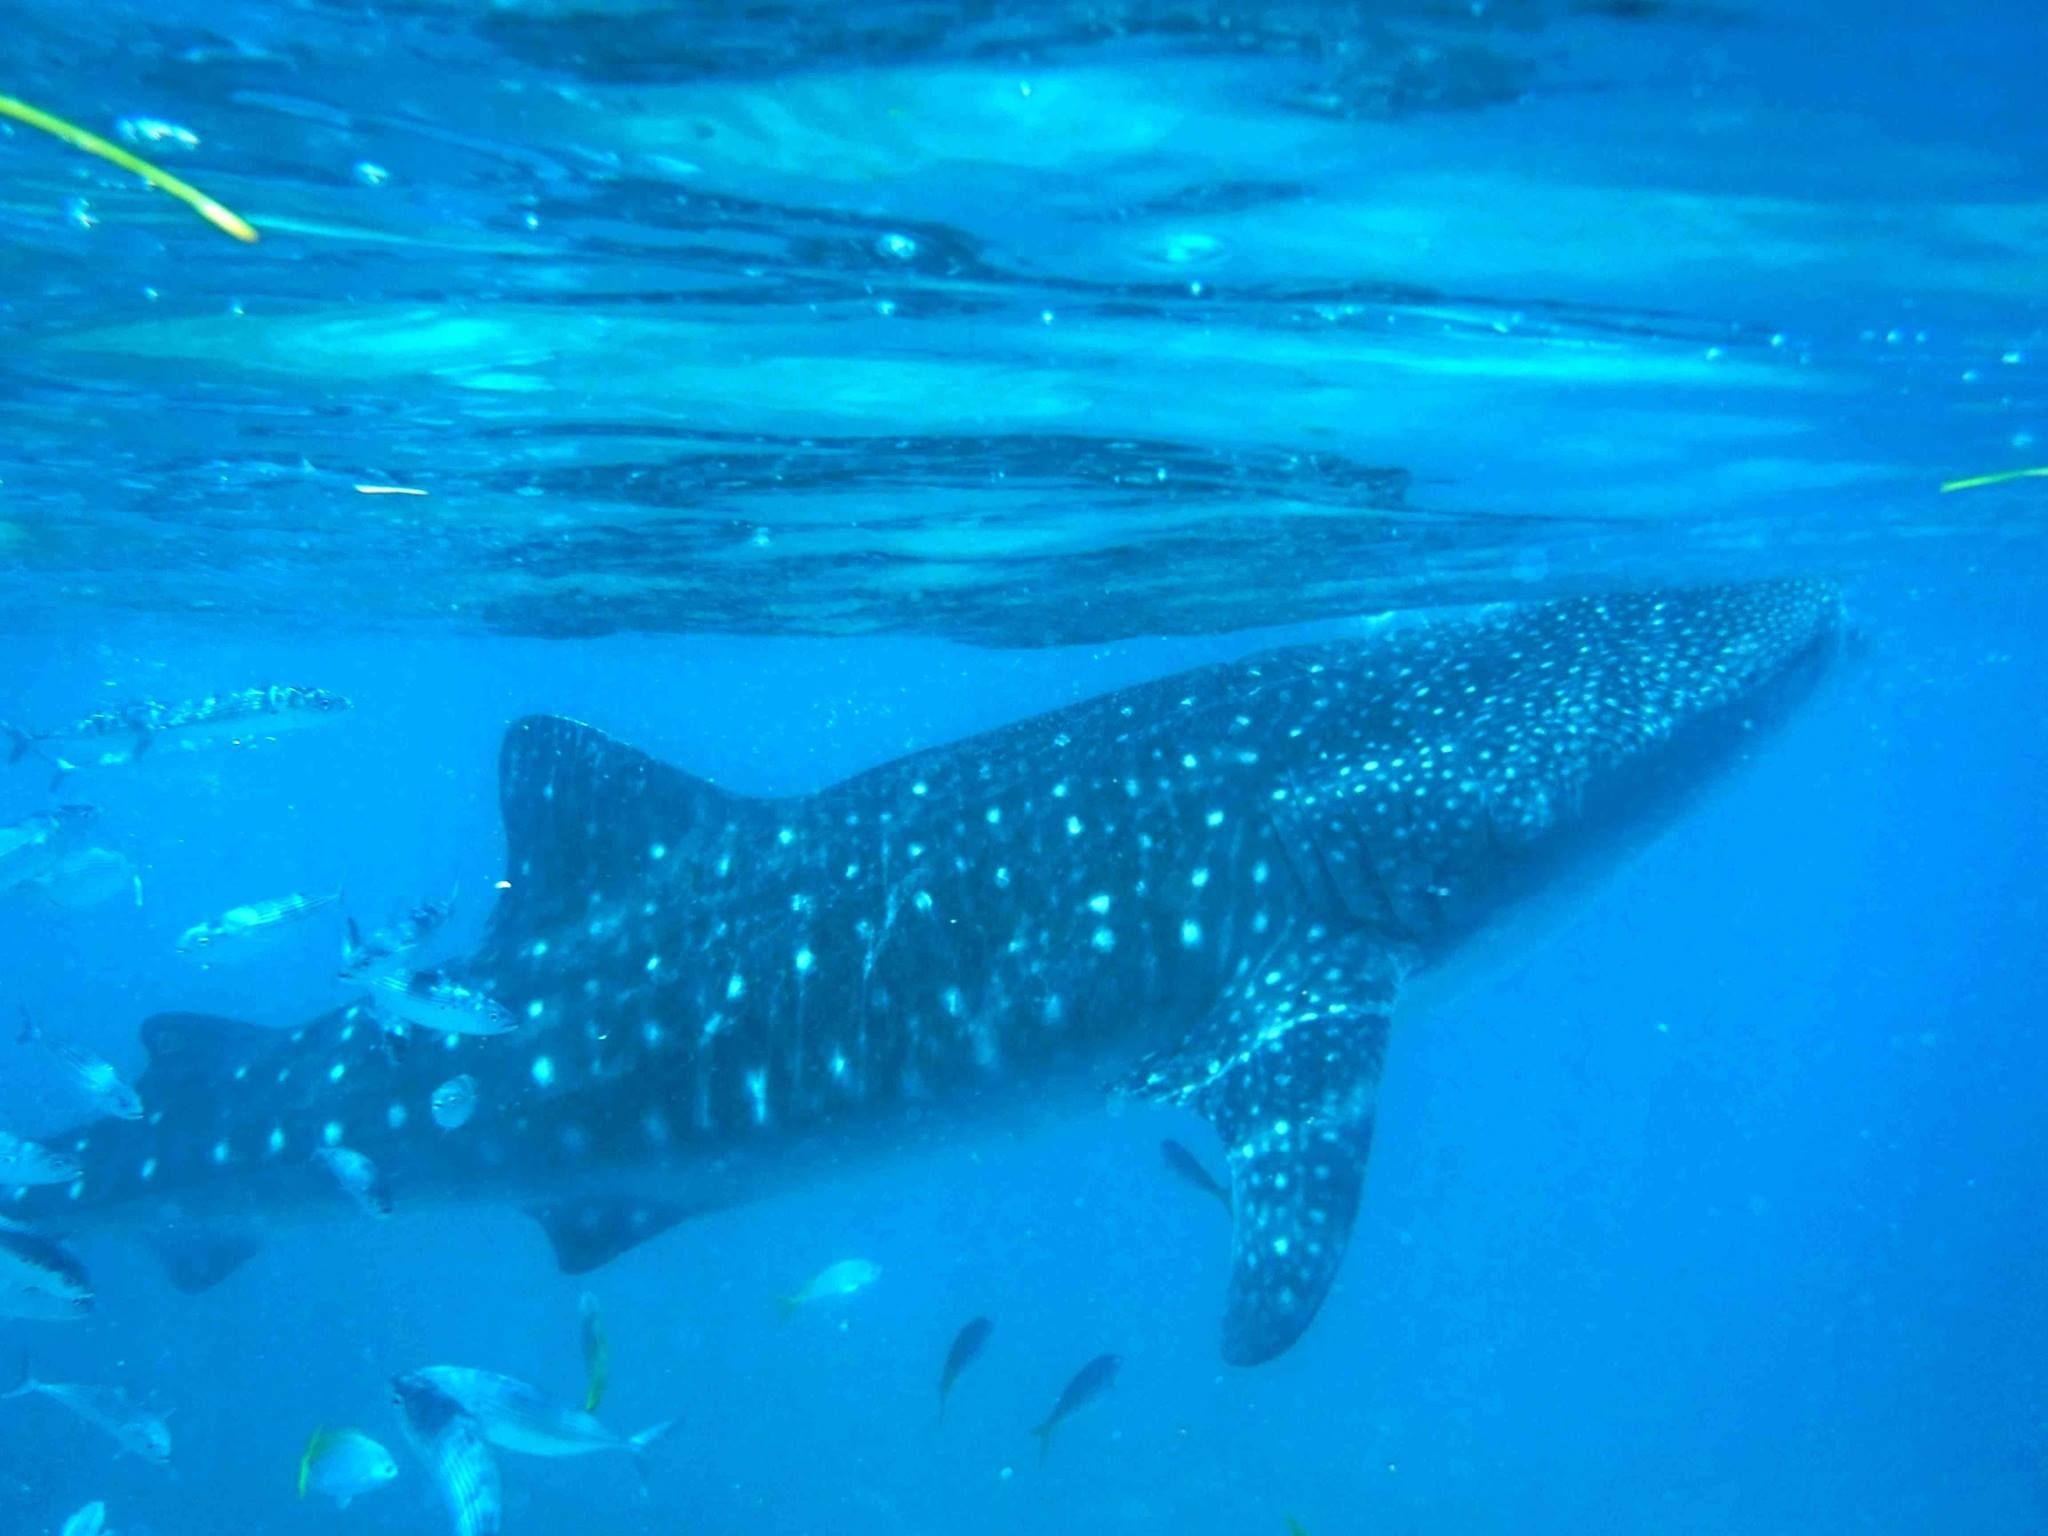 C'est l'une des attractions phares des Philippines : nager avec les requins baleines, une rencontre unique entre joie et déception.